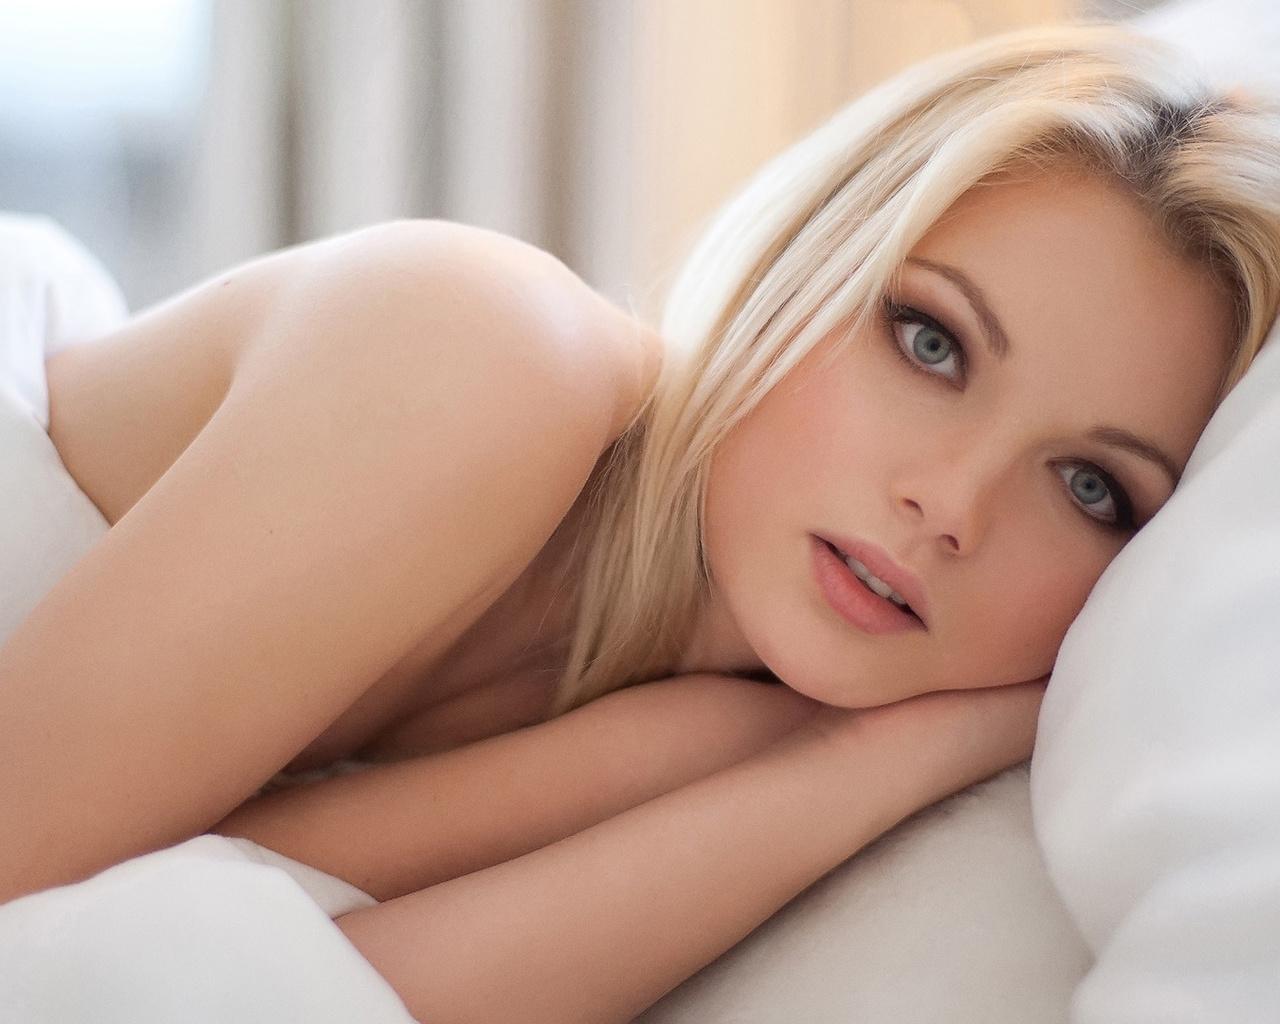 Милые прекрасные девушки в кровати #10